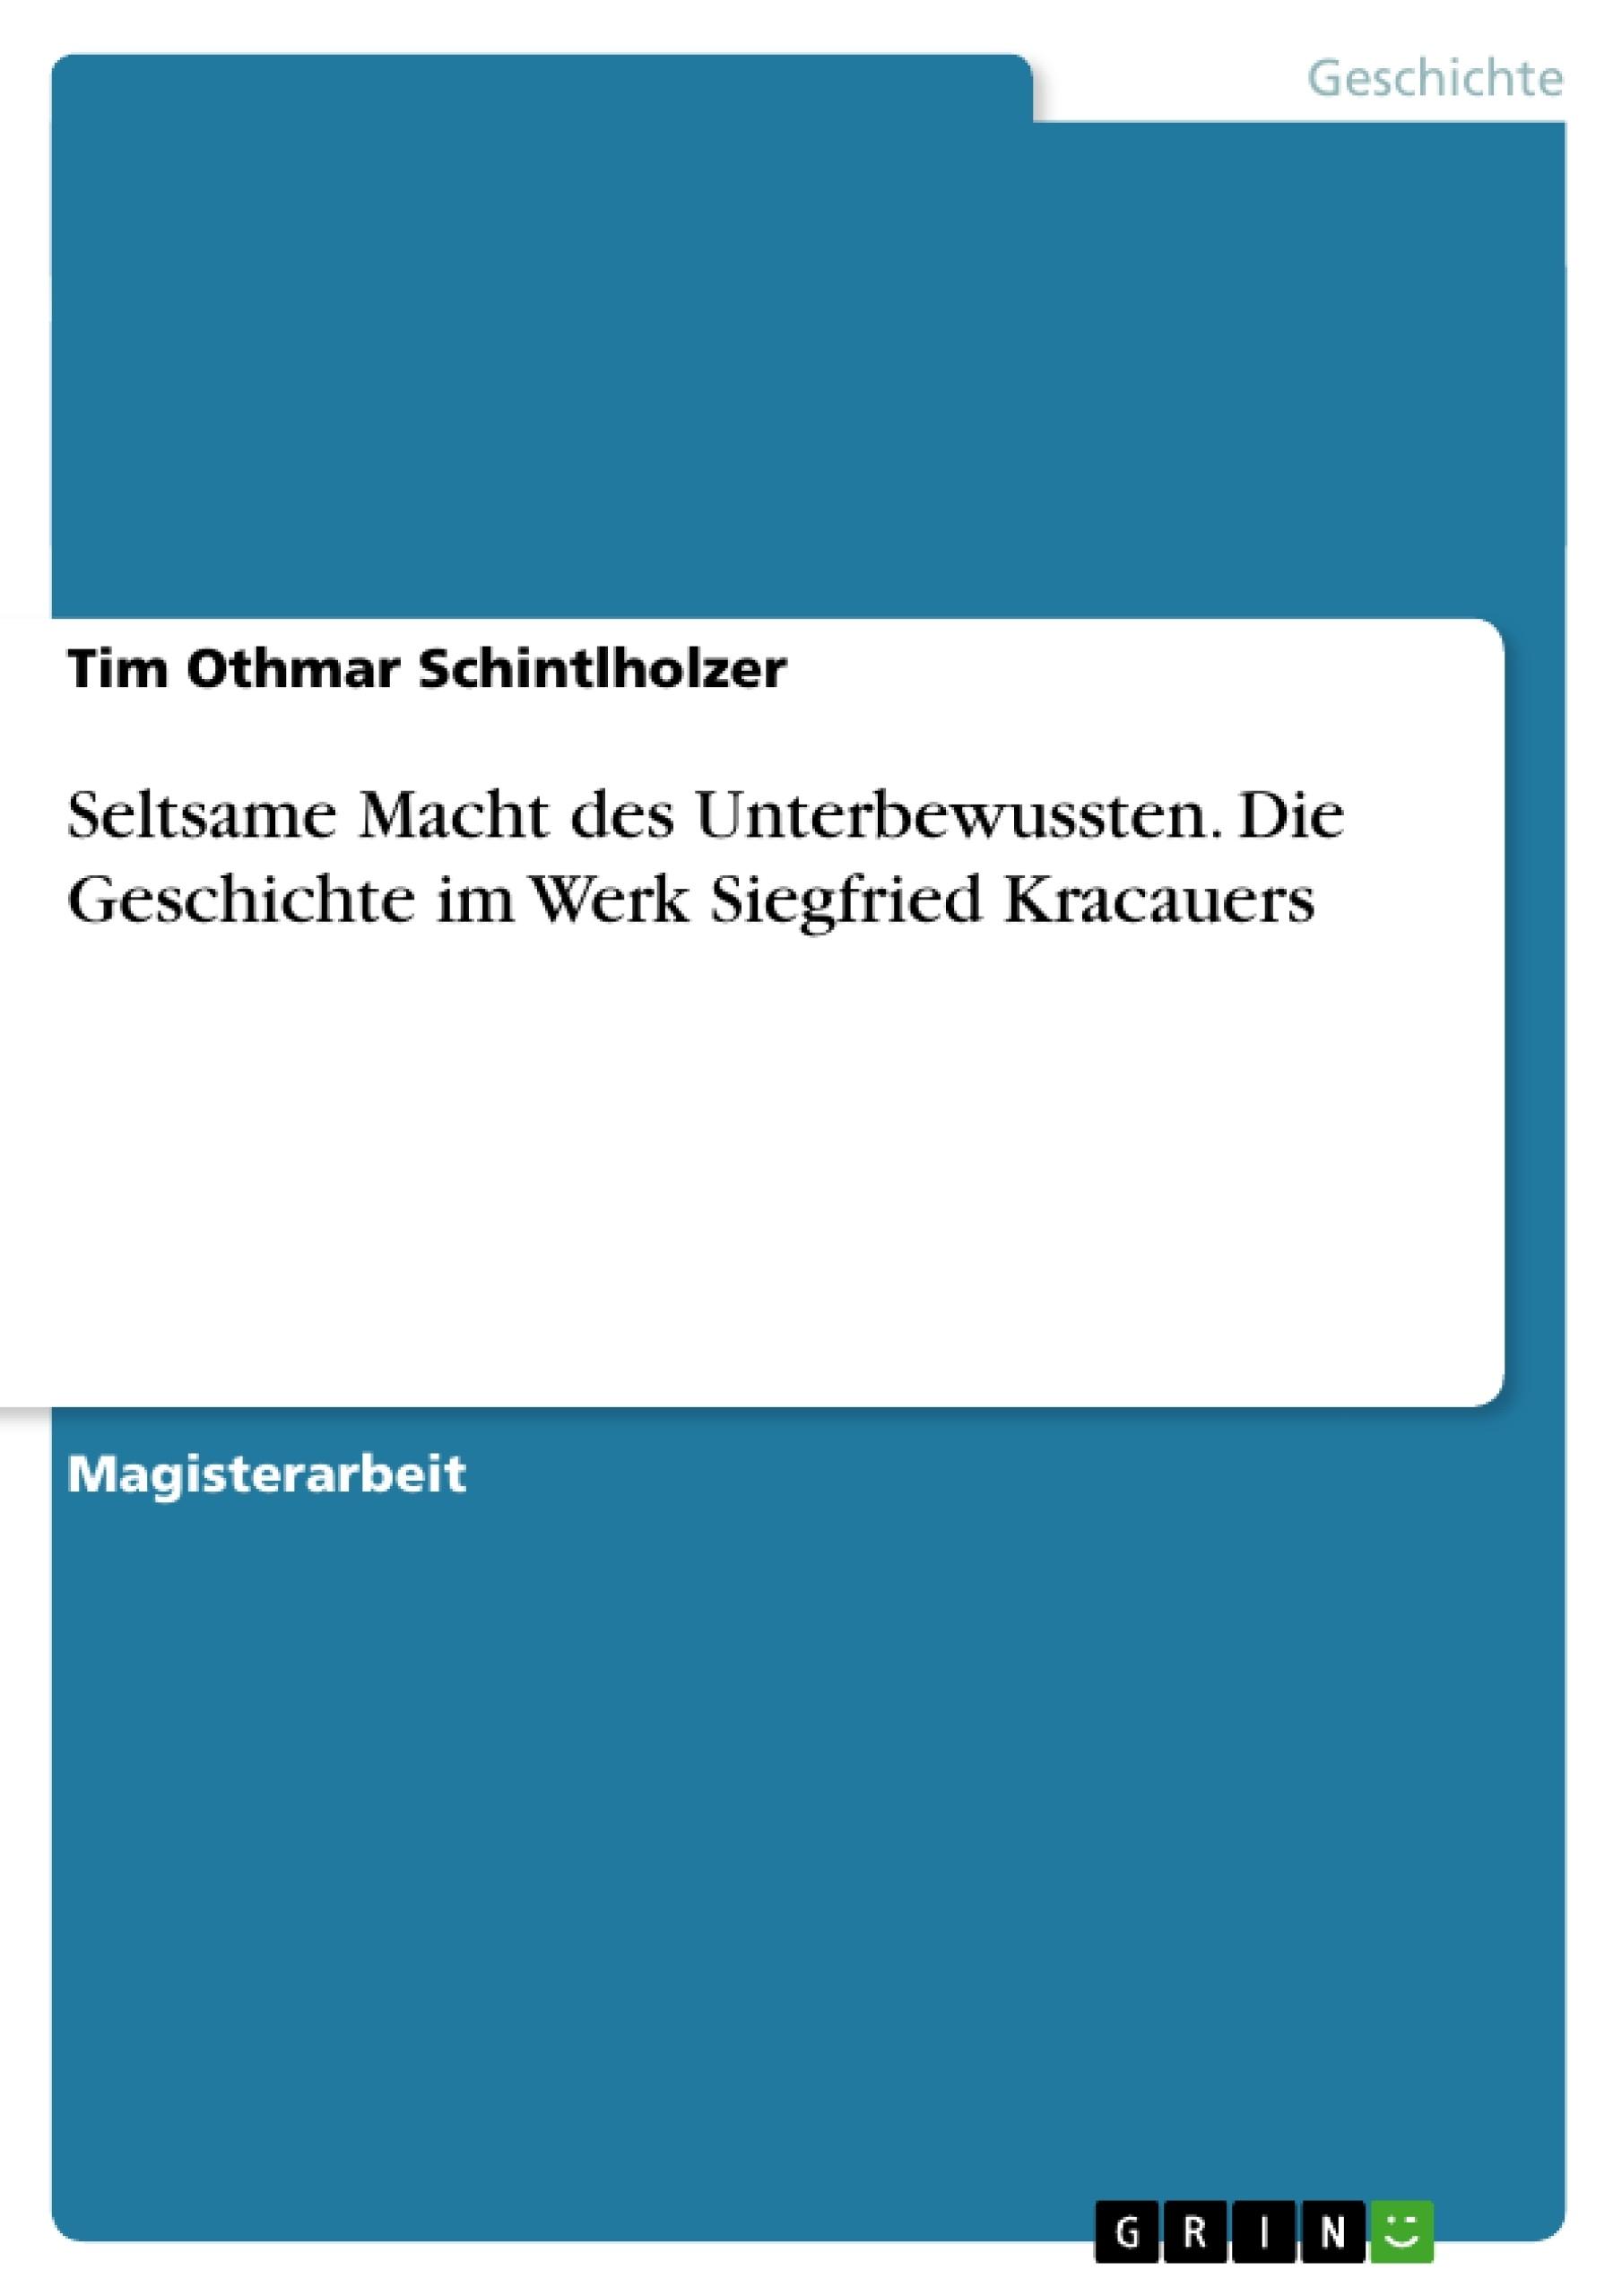 Titel: Seltsame Macht des Unterbewussten. Die Geschichte im Werk Siegfried Kracauers